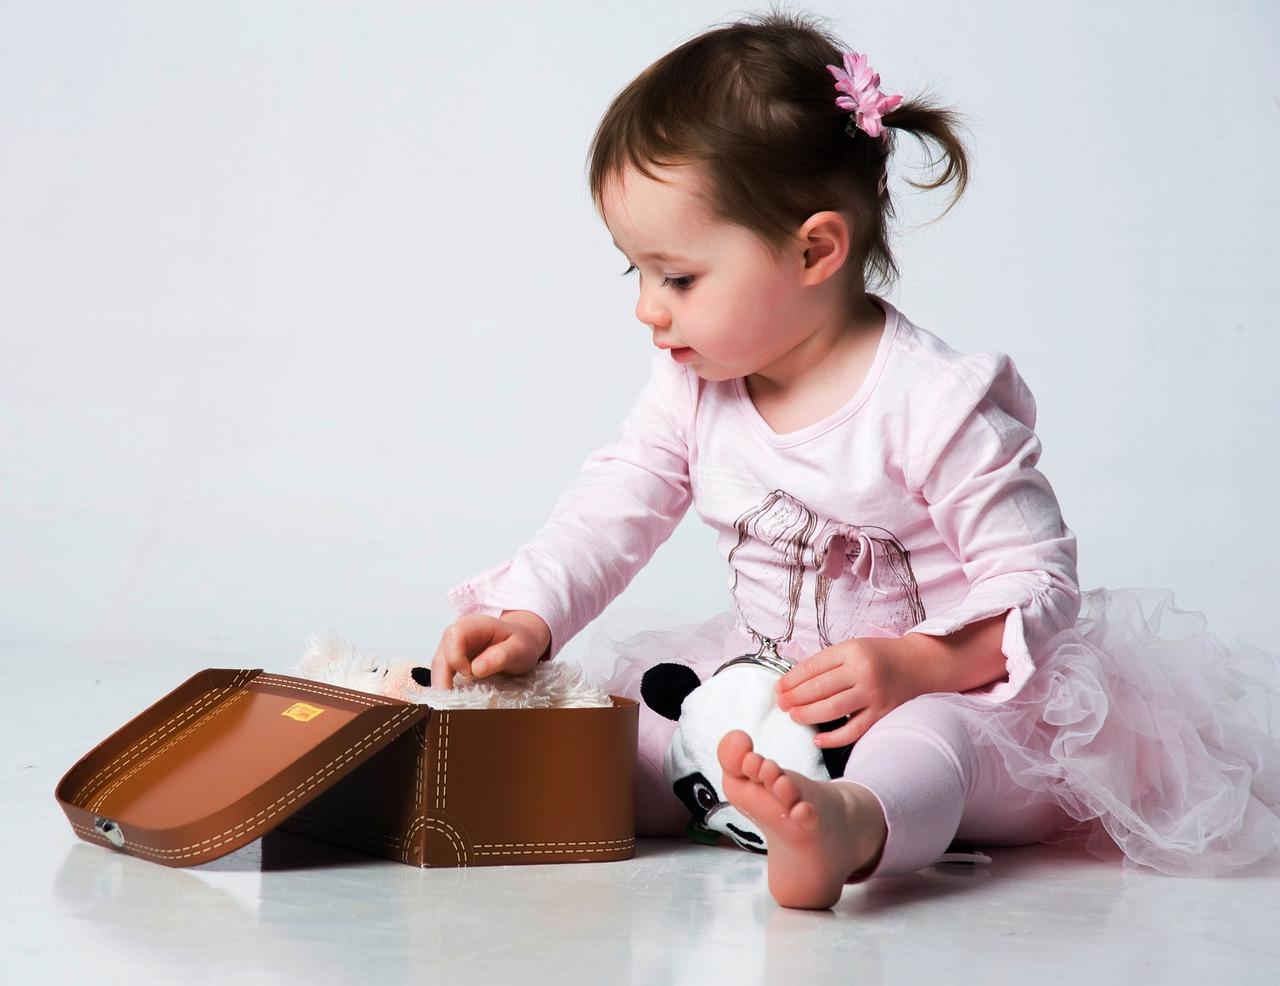 Что делать родителям, если ребенок берет вещи без спросу?